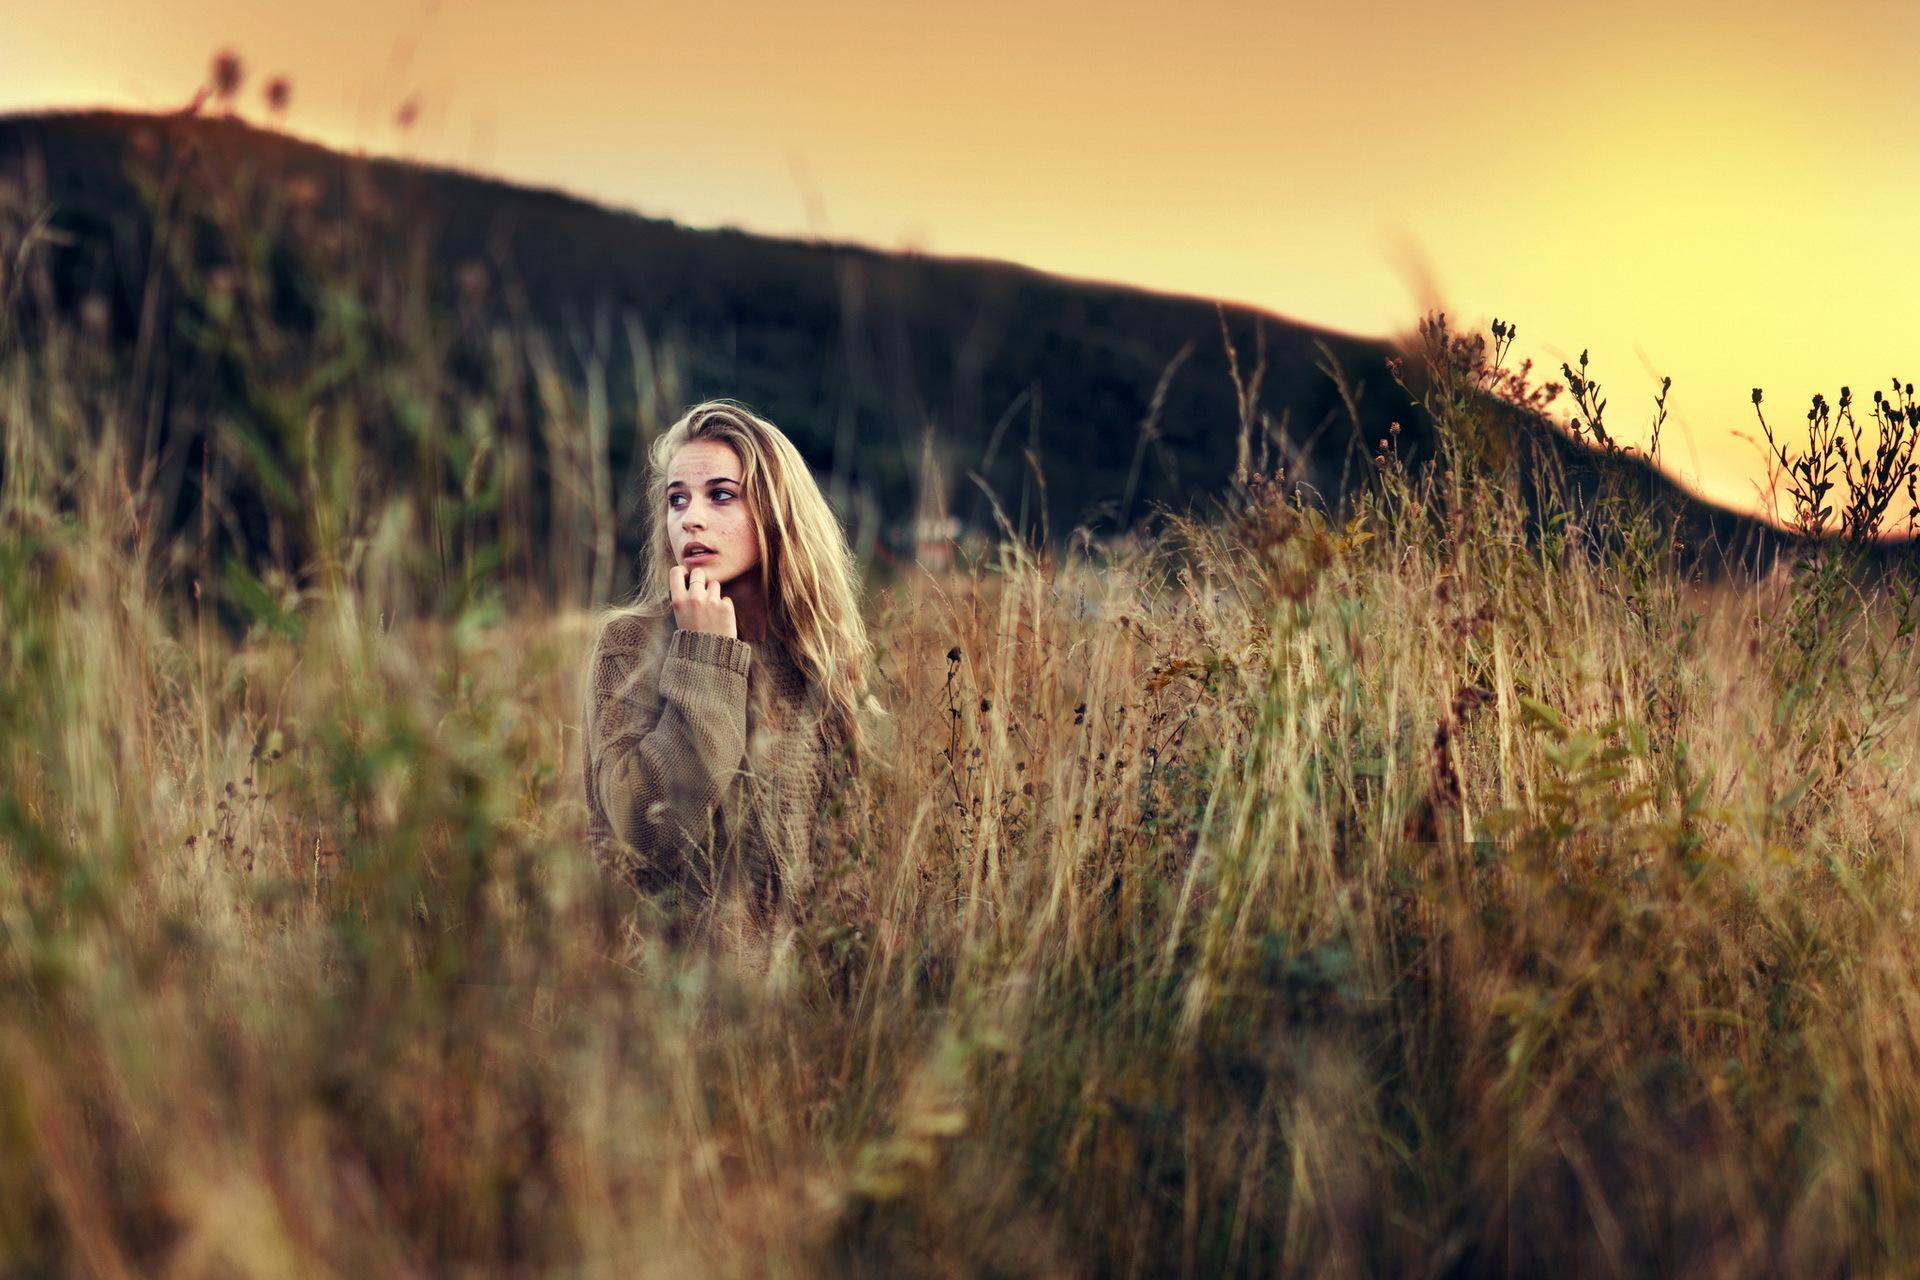 девушка поле деревья  № 3582054 бесплатно